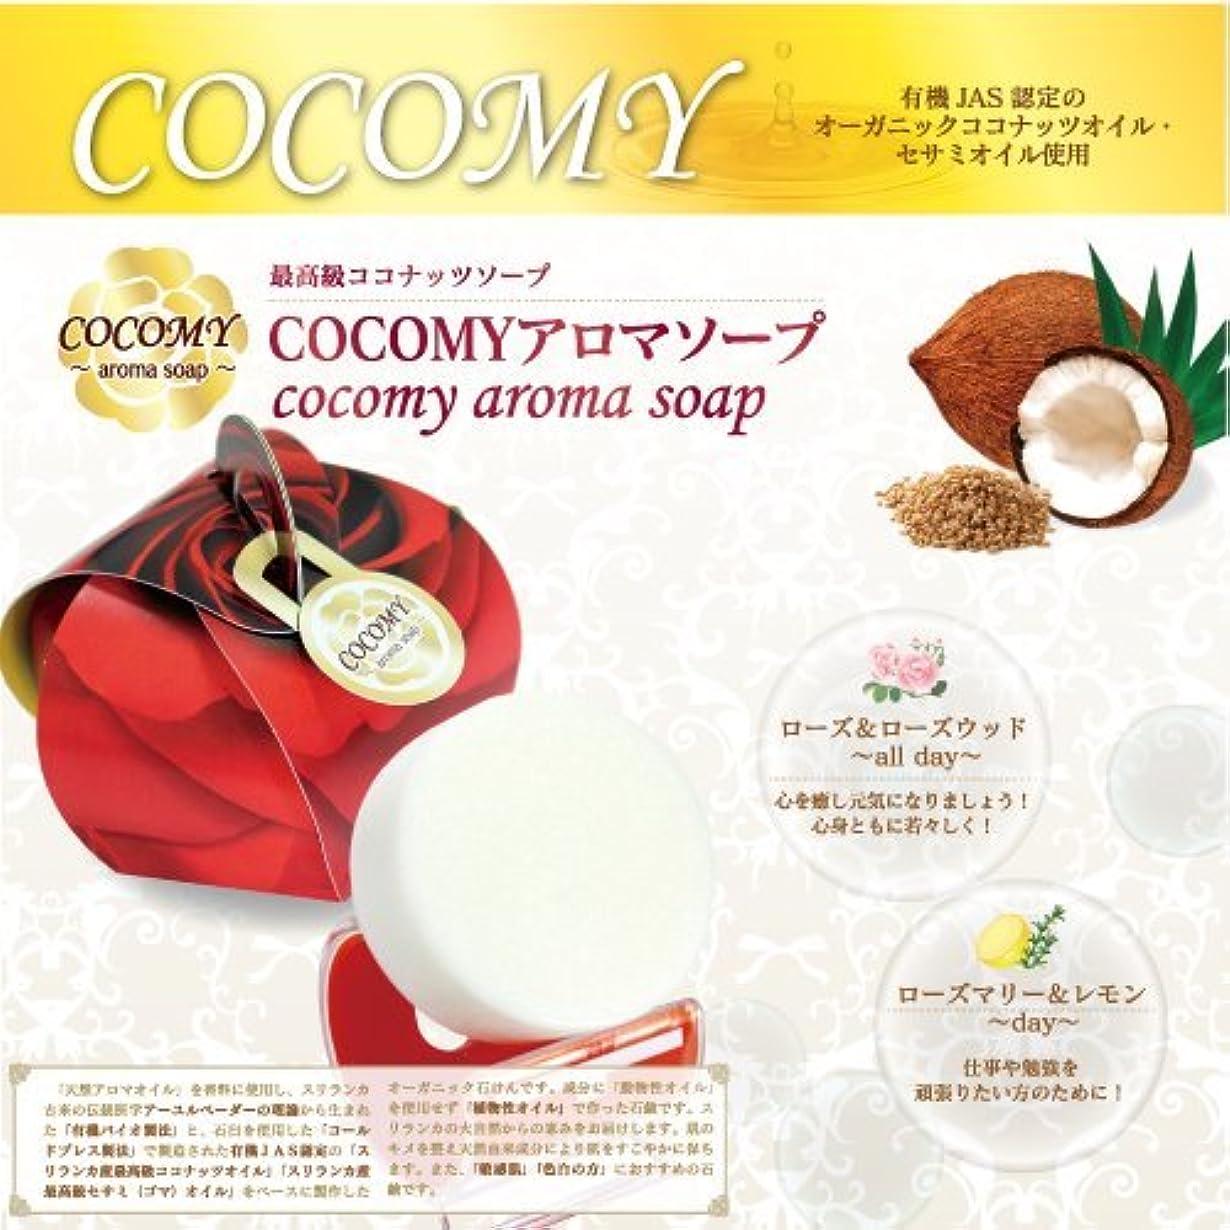 マンモス伝統オーストラリアCOCOMY aromaソープ 2個セット (ローズマリー&レモン)(ローズ&ローズウッド) 40g×各1